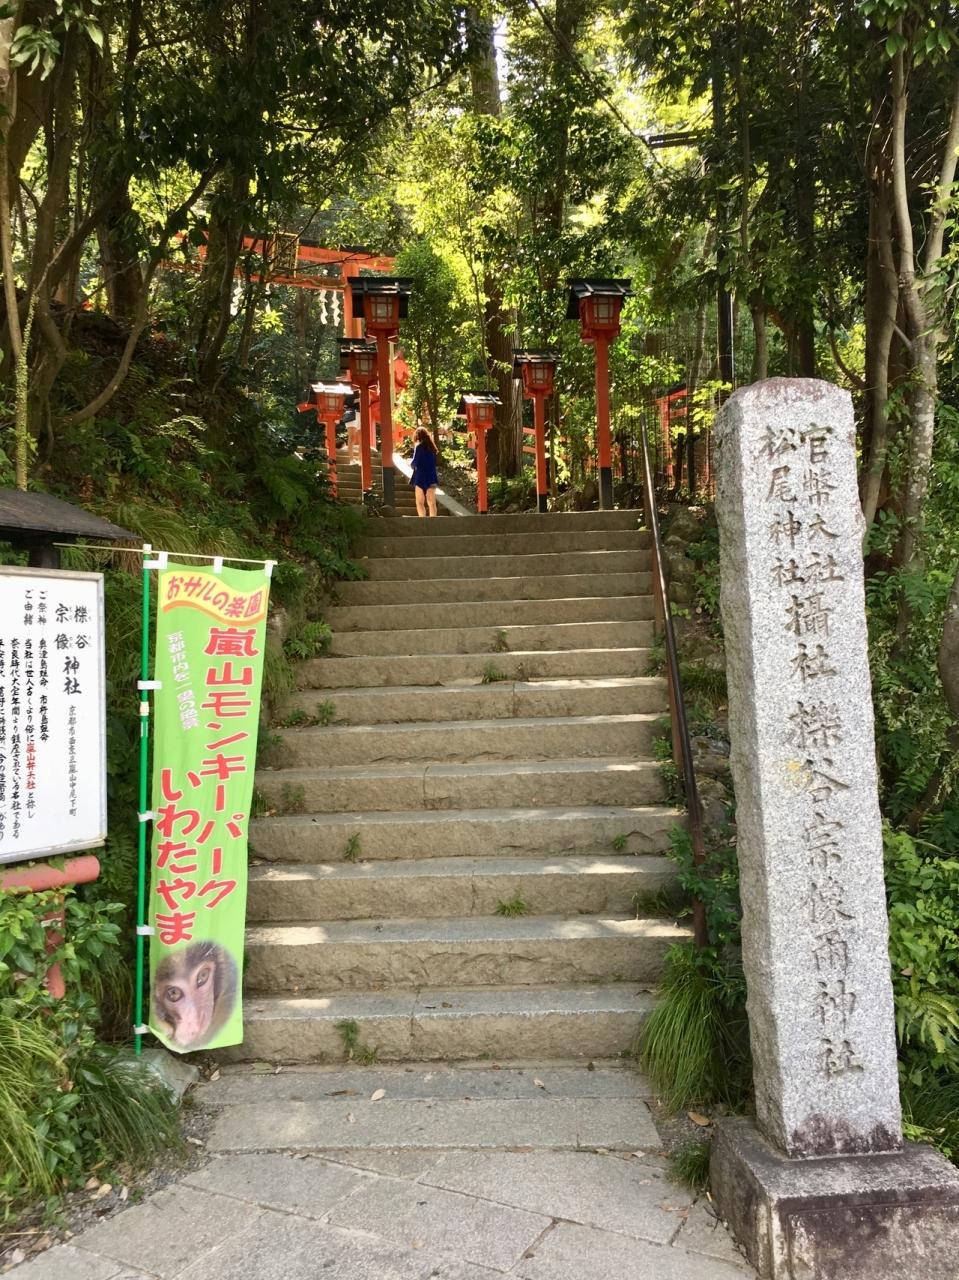 嵐山モンキーパーク 滑り台